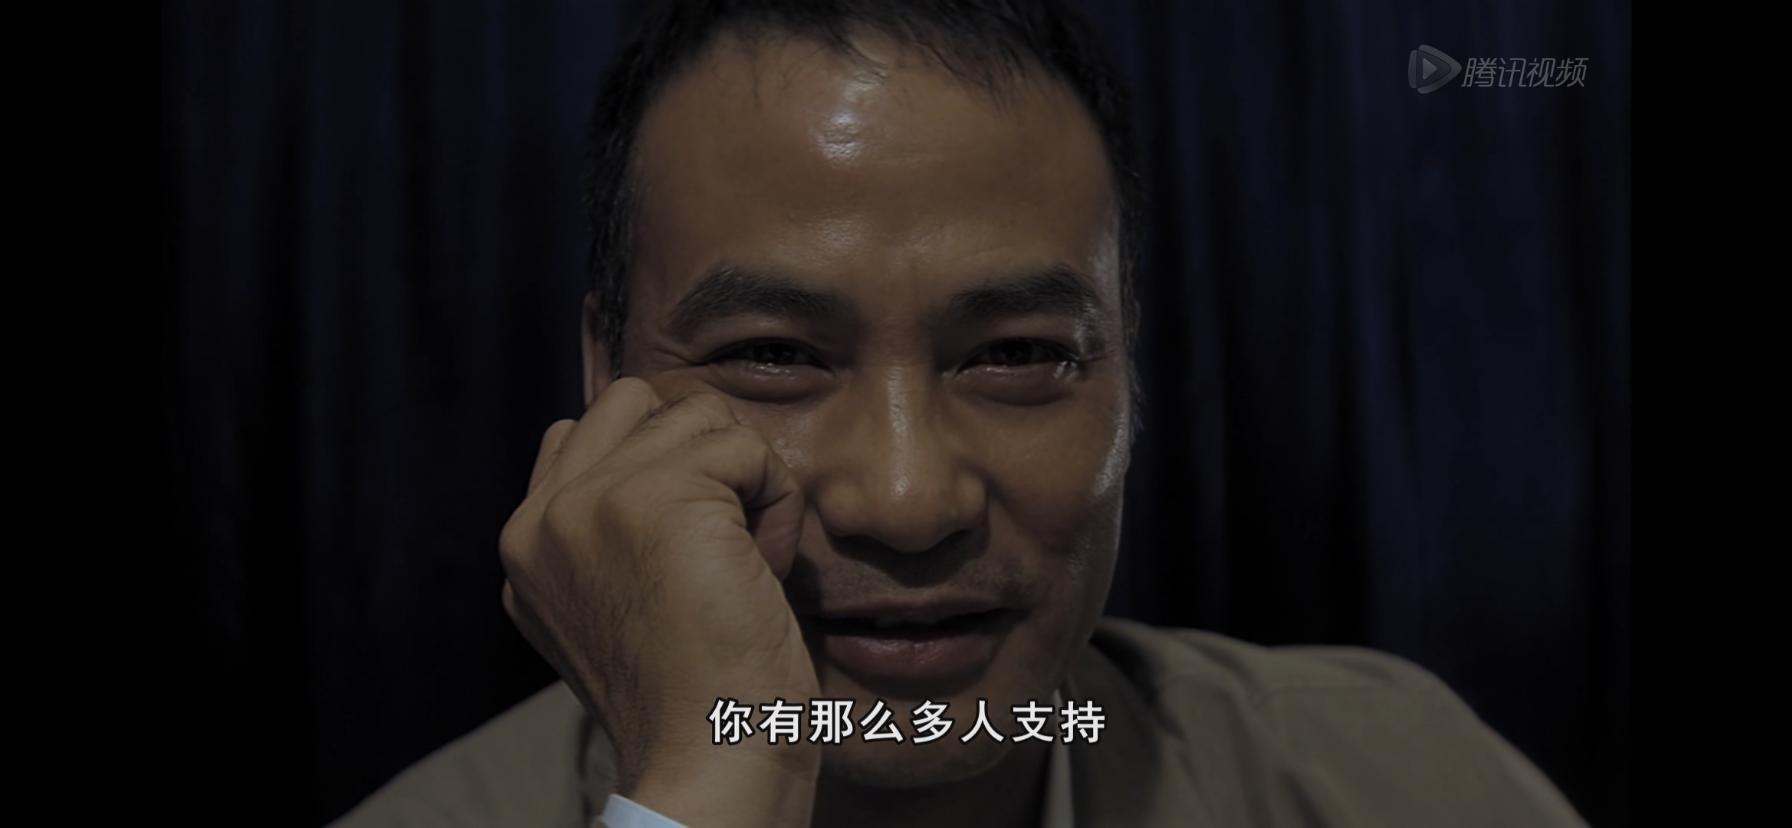 杜琪峰最经典的电影,古天乐主演,每一帧画面都是细思极恐的戏